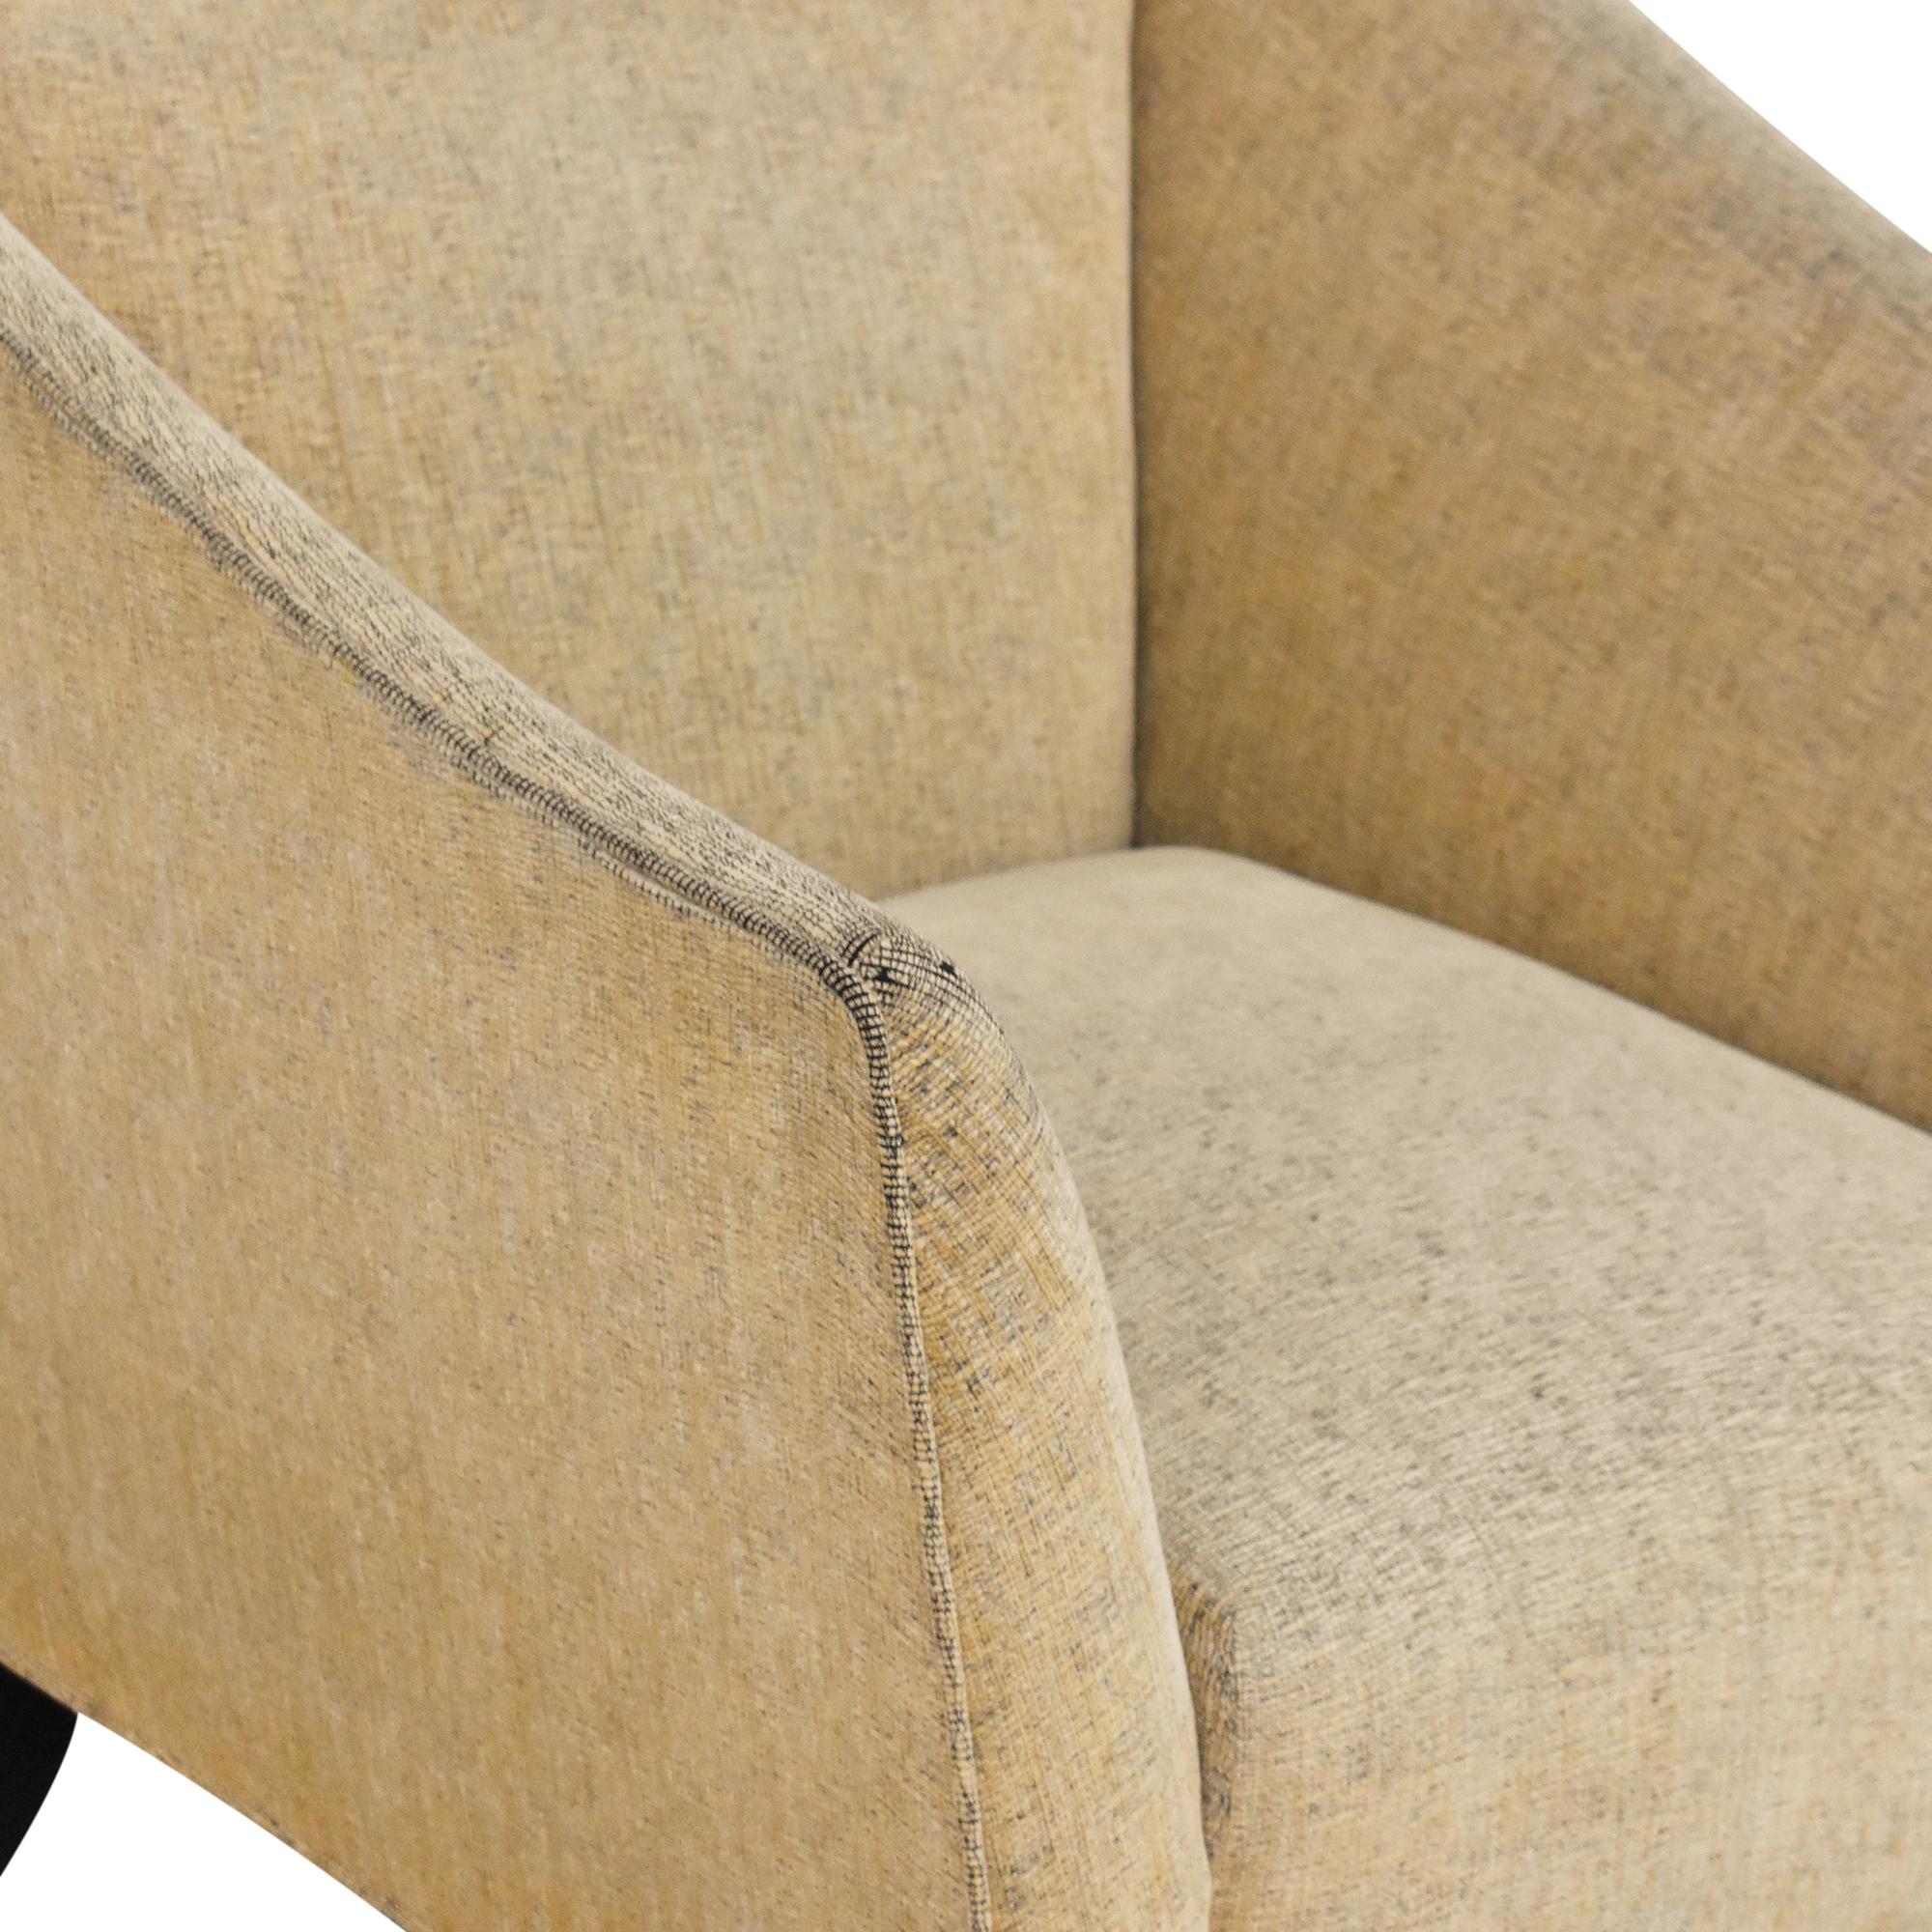 Swaim Swaim Accent Chair nyc